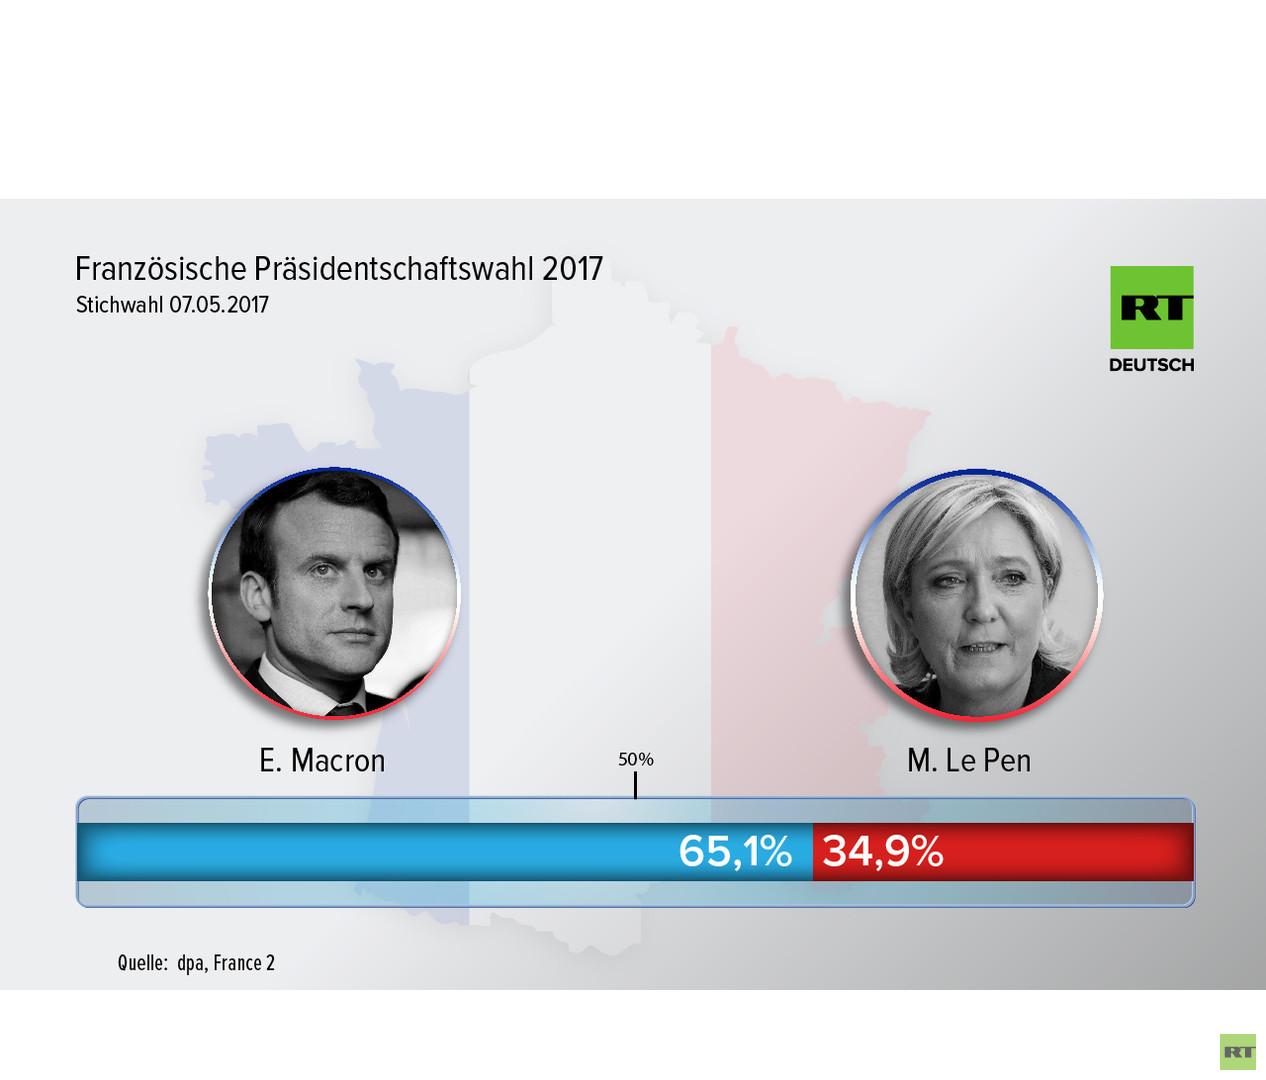 Live-Updates Frankreich: Macron wird neuer Präsident Frankreichs